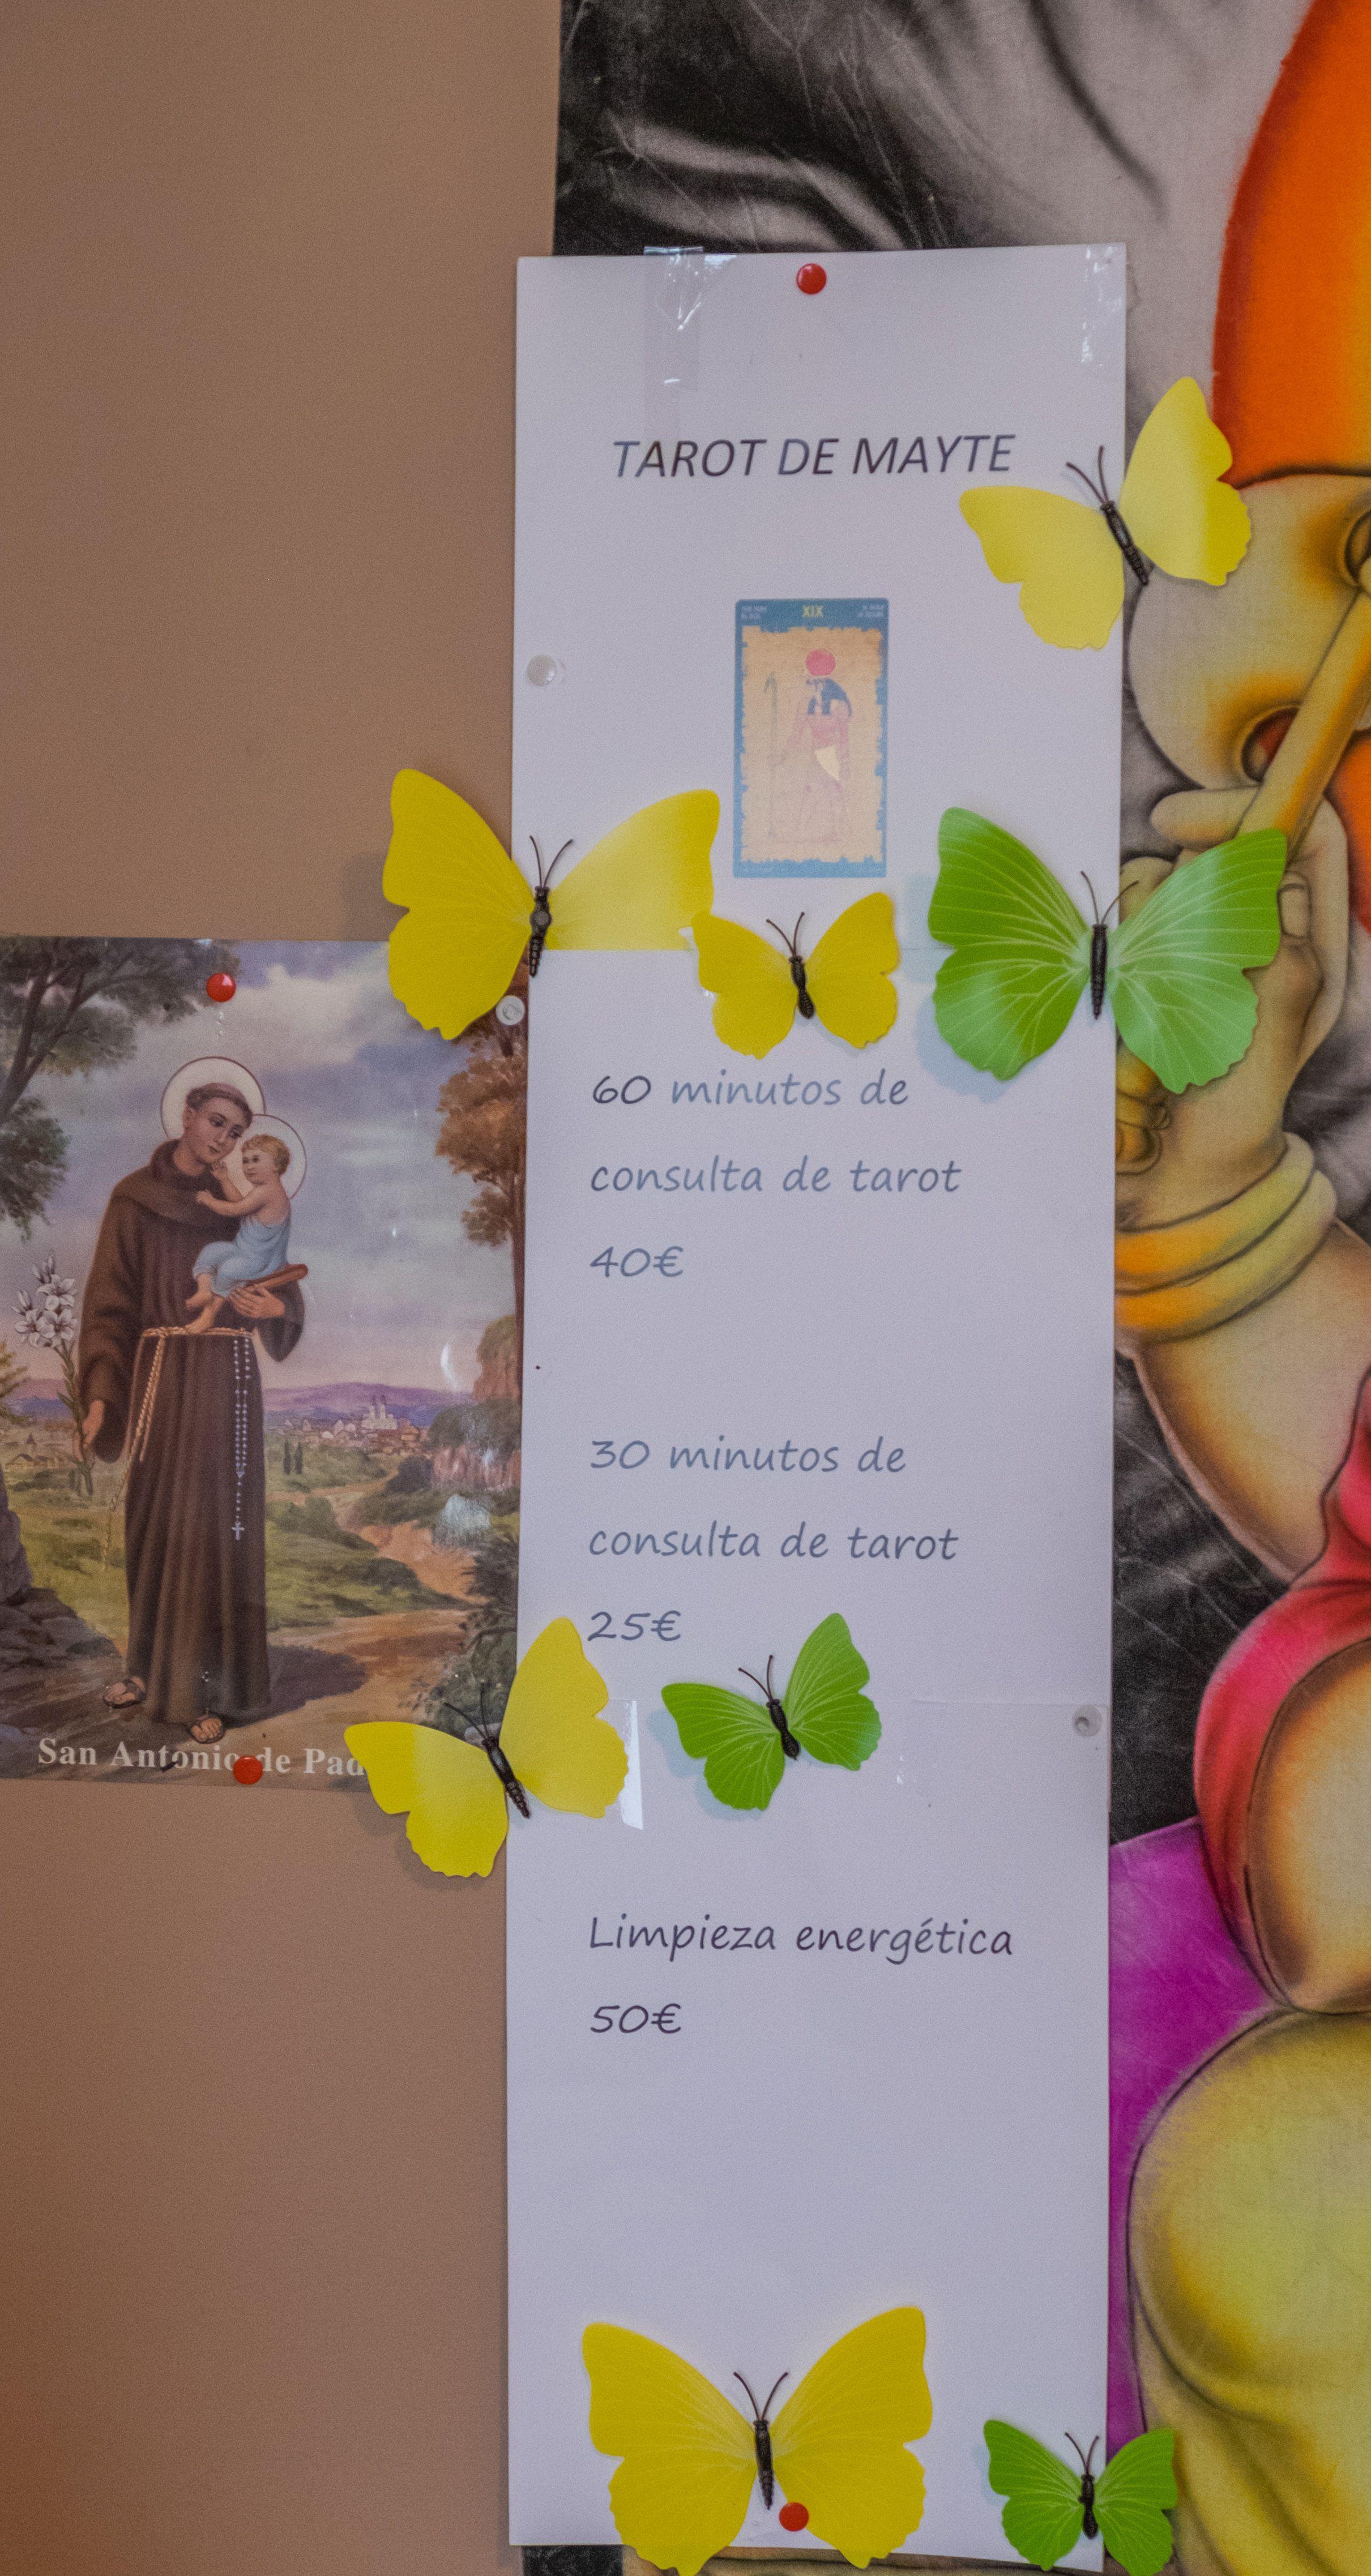 Mayte Tarot, experta en videncia y rituales